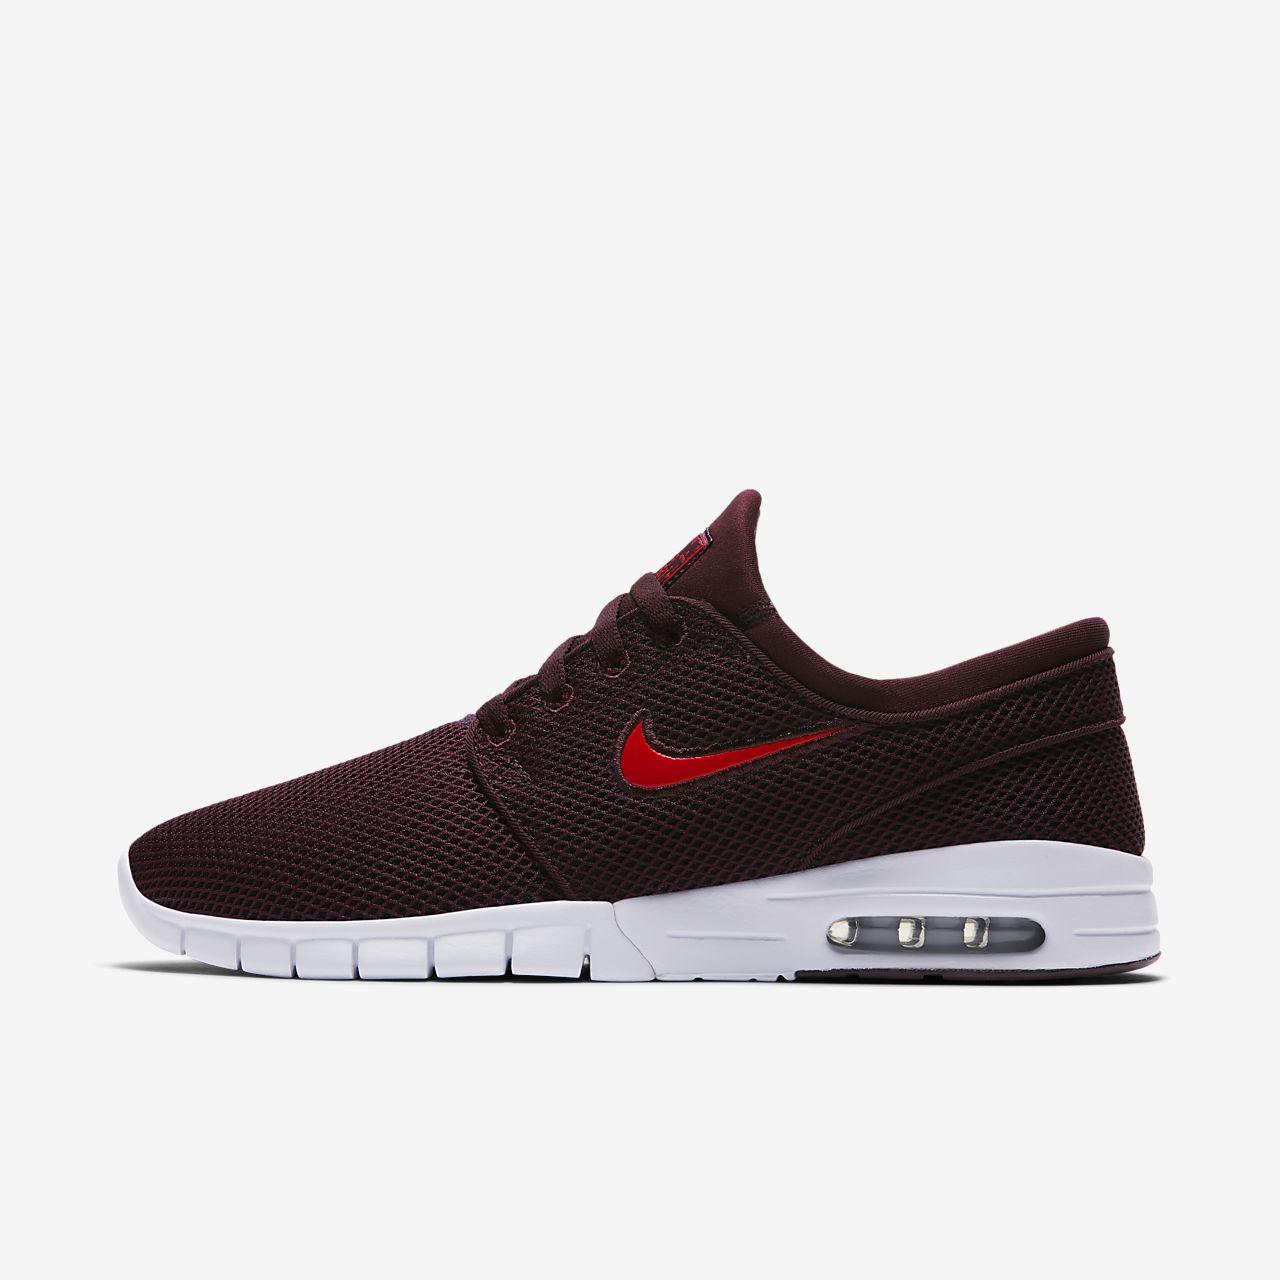 pretty nice 563b7 5d9dd Nike SB Stefan Janoski Max